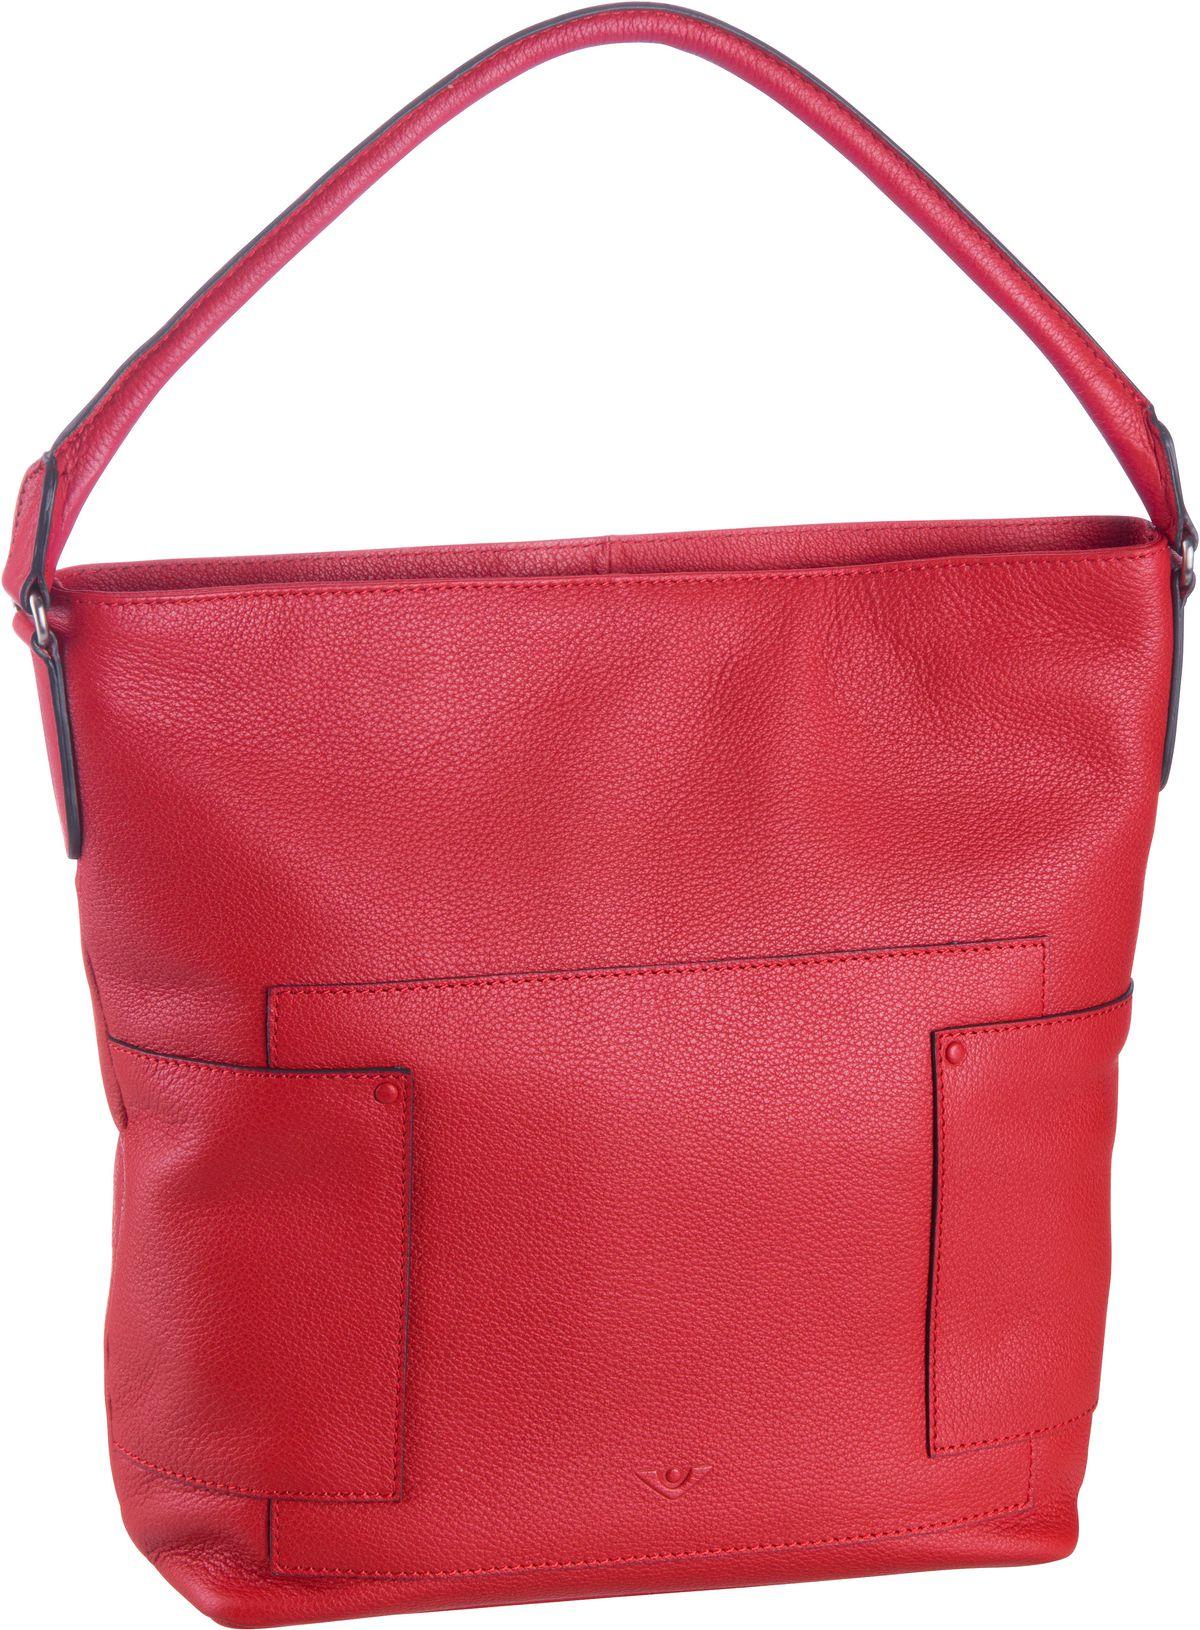 Voi Handtasche Deluxe Pauline Scarlet